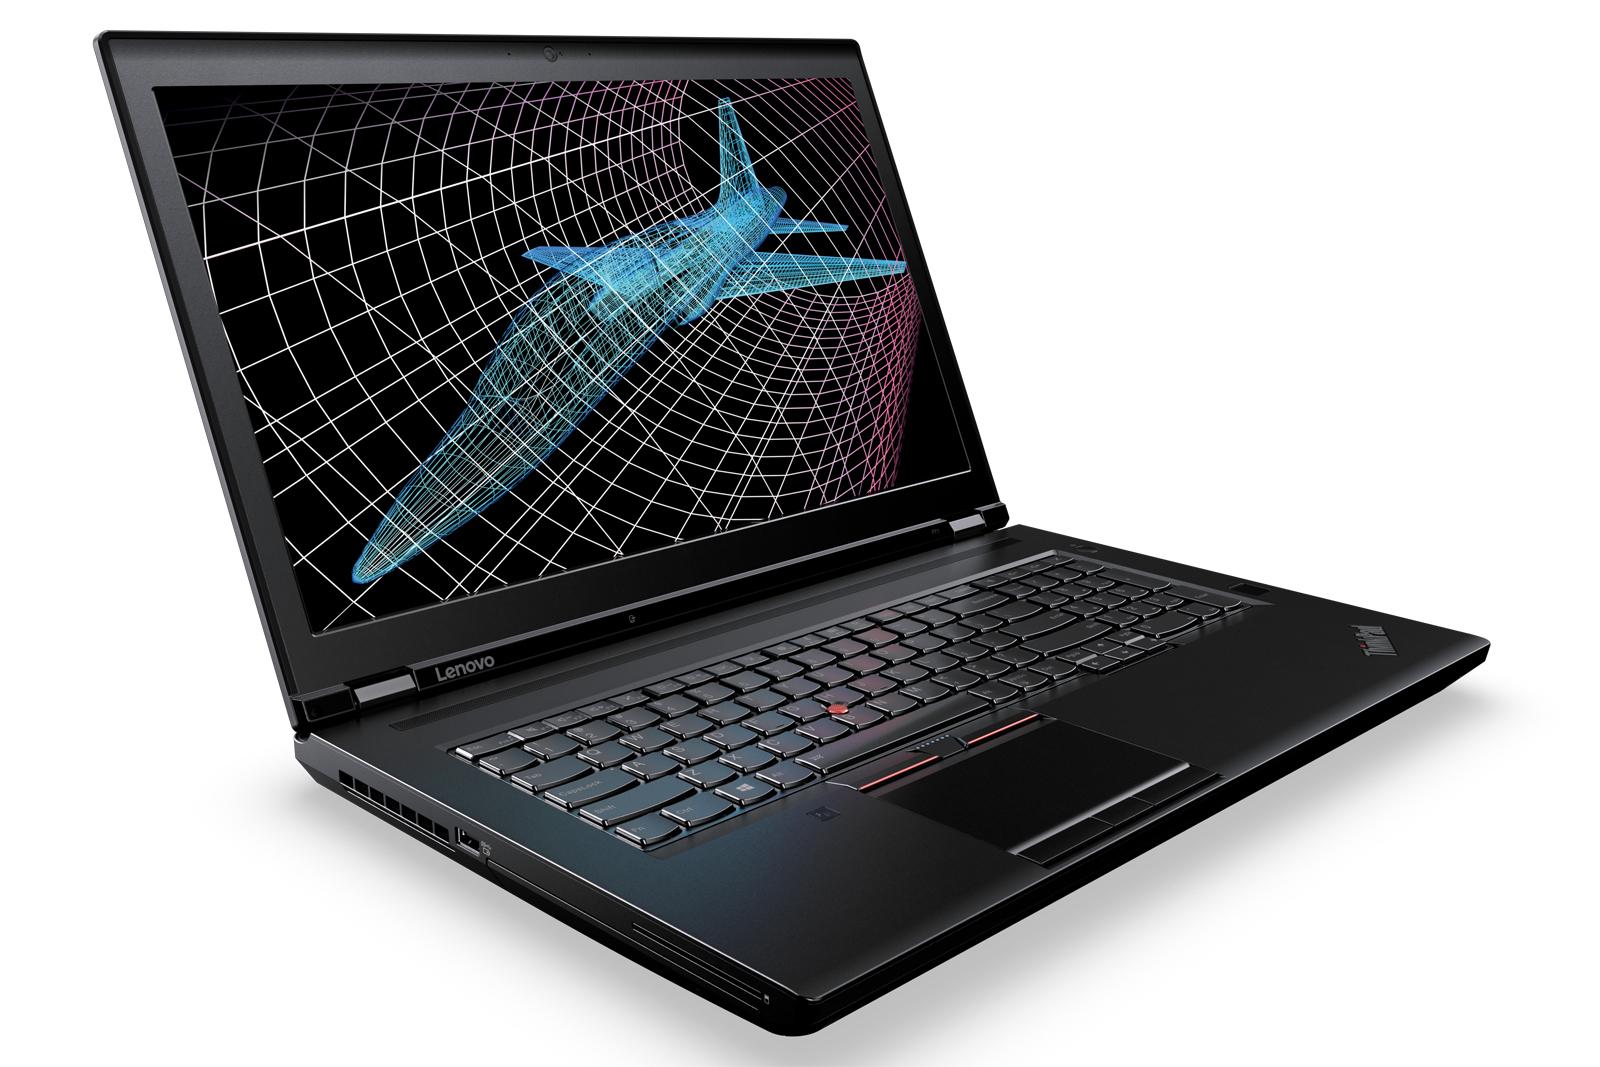 Lenovo представила три новых профессиональных ноутбука включая самую легкую рабочую станцию Think Pad P51s и мощный ноутбук для создания VR-контент